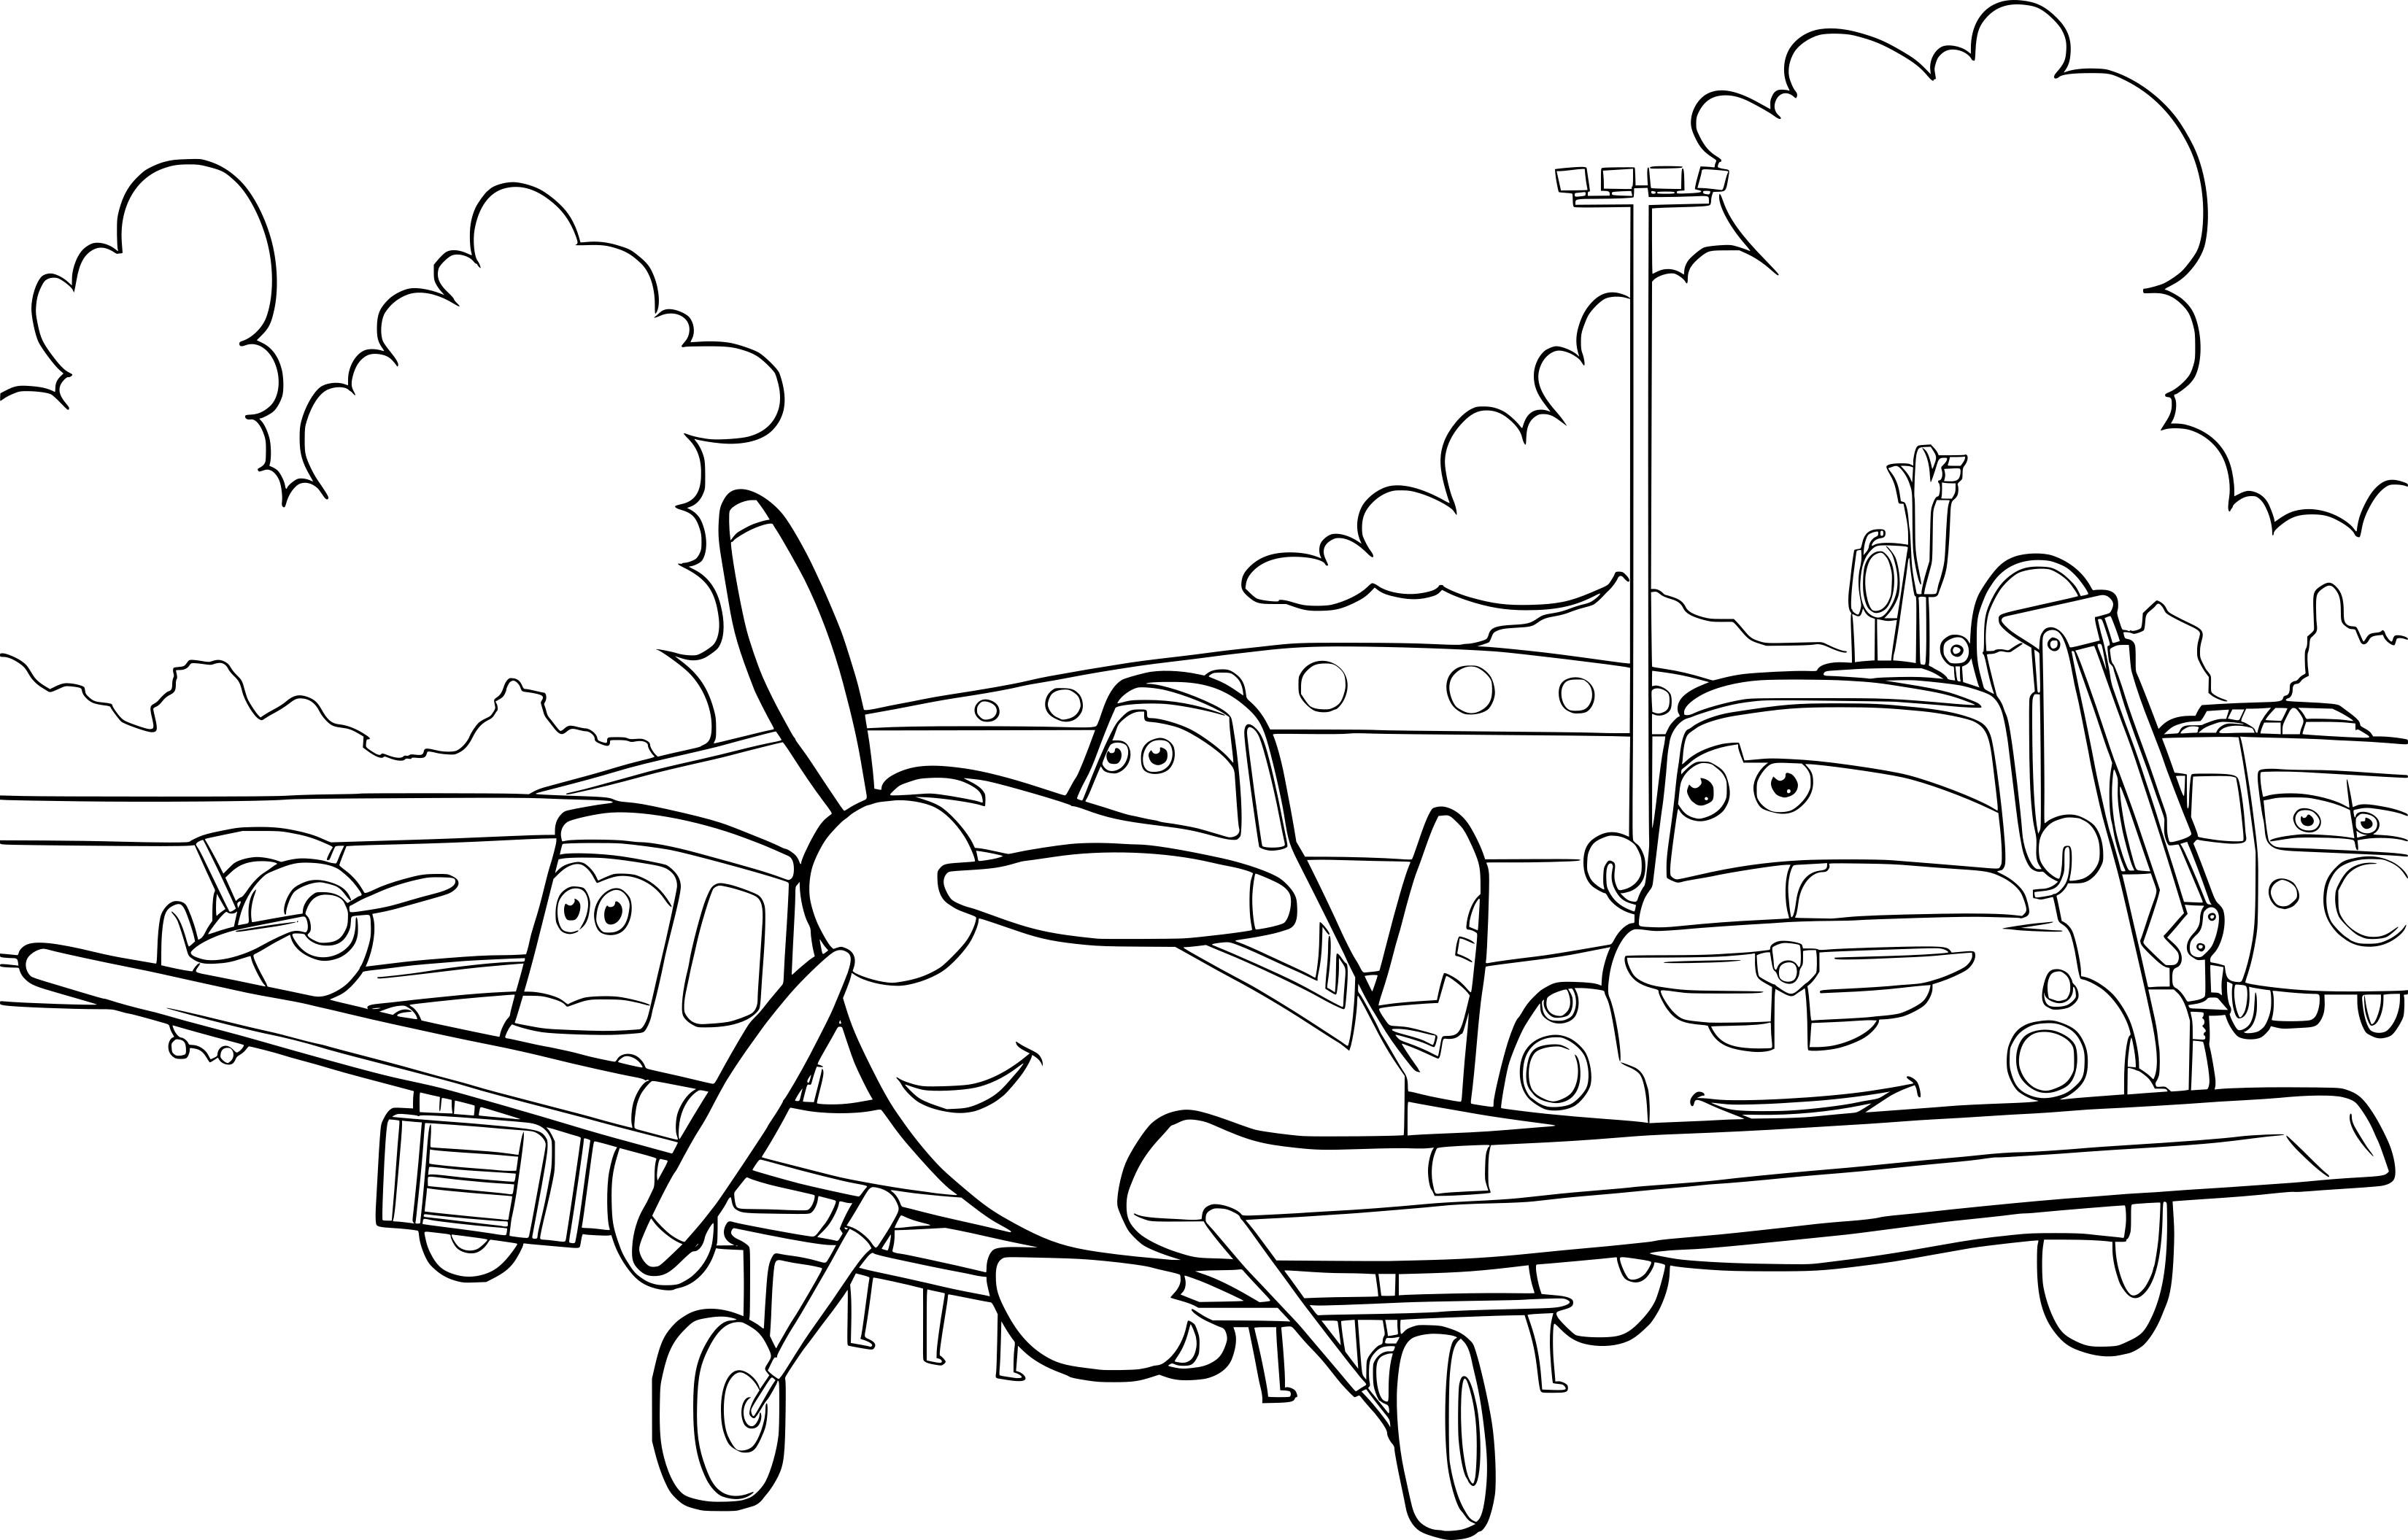 Nouveau Dessin A Colorier Avion Planes